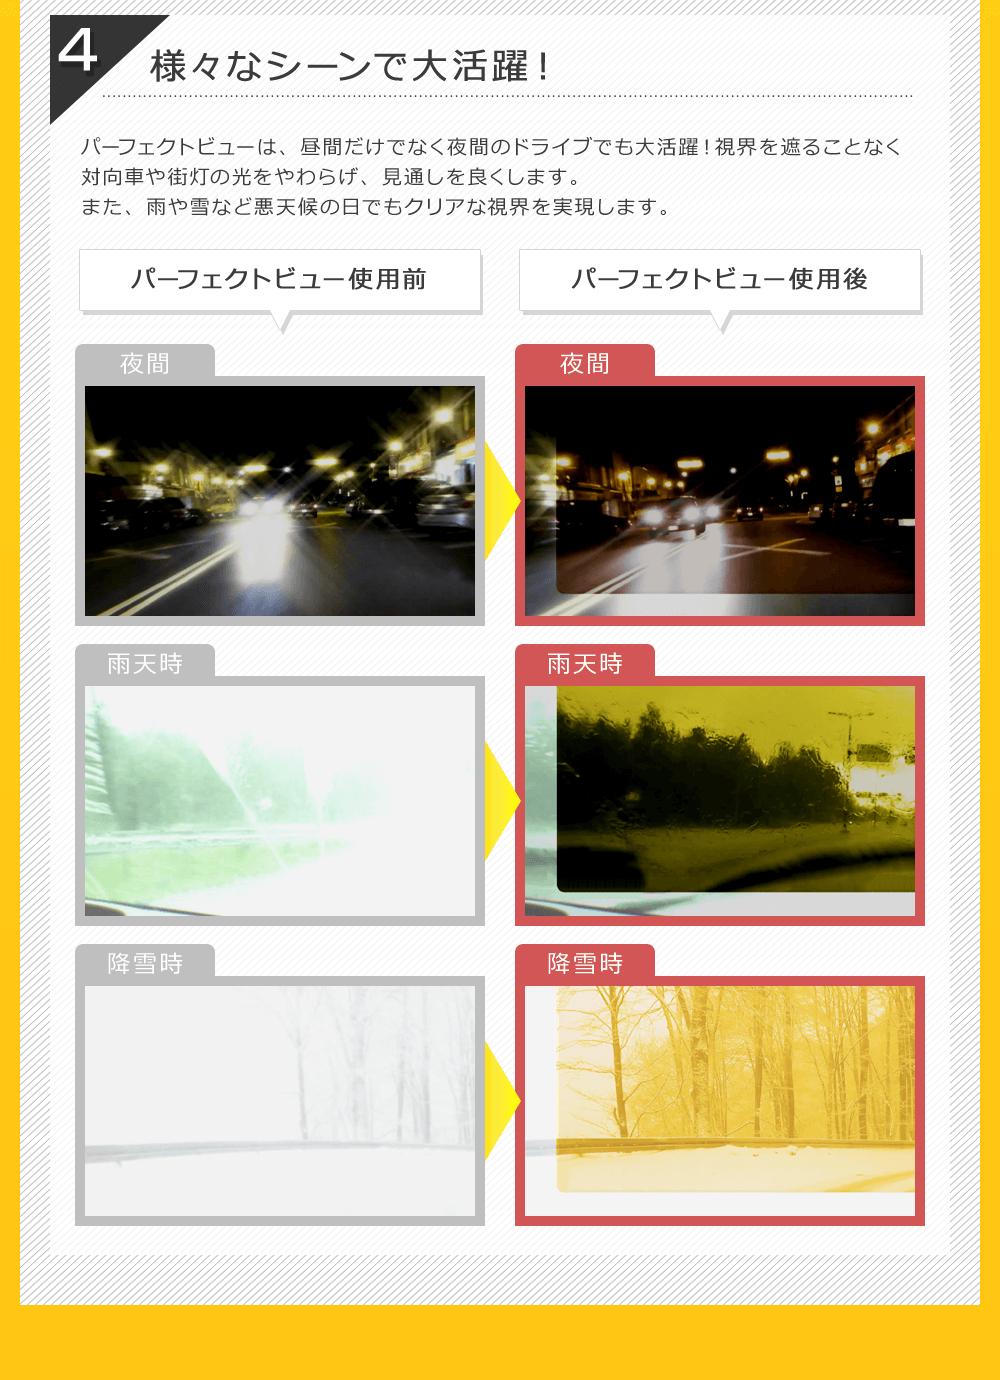 4:様々なシーンで大活躍!|パーフェクトビューは、昼間だけでなく夜間のドライブでも大活躍!視界を遮ることなく対向車や街灯の光をやわらげ、見通しを良くします。また、雨や雪など悪天候の日でもクリアな視界を実現します。